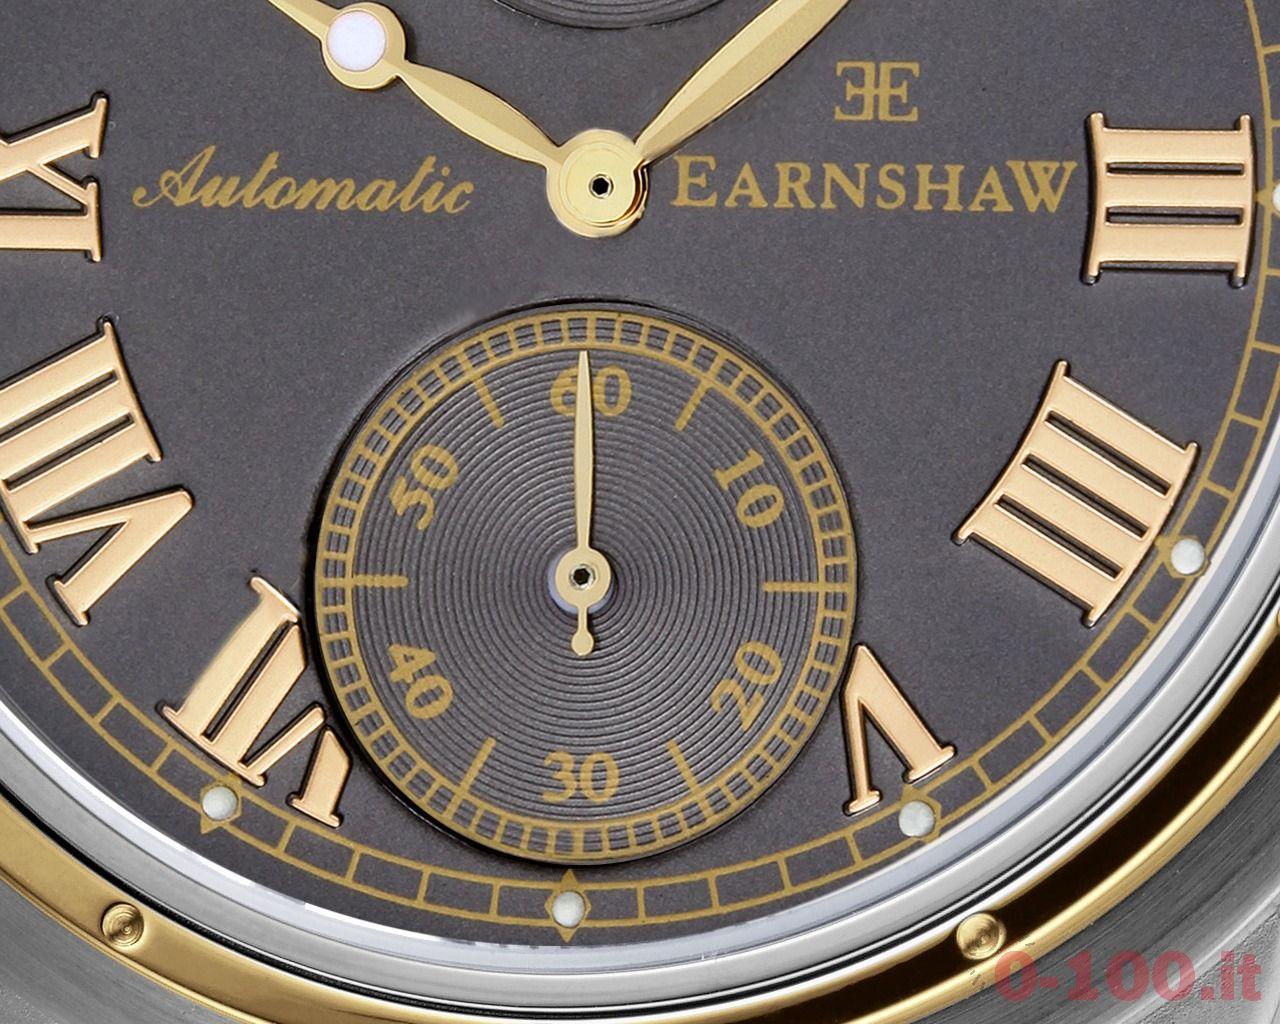 thomas-earnshaw-collezione-ashton-prezzo-price_0-1008